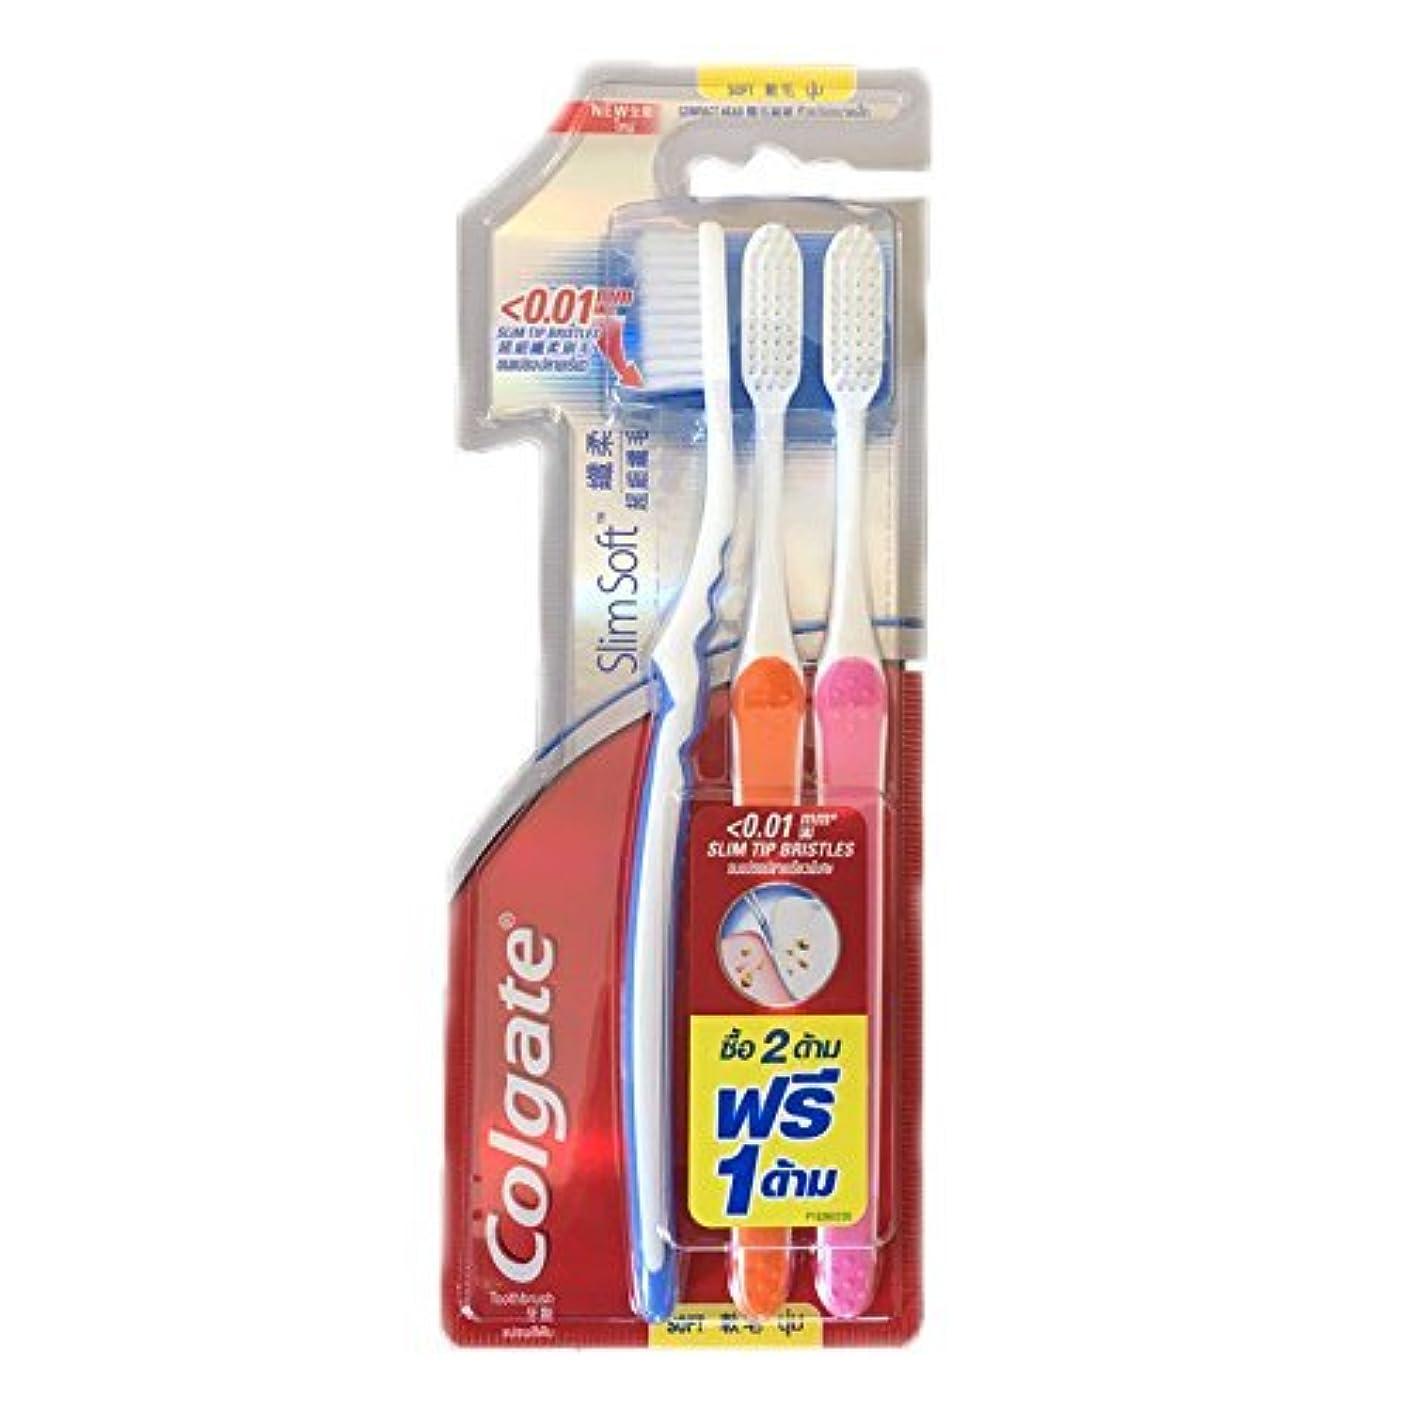 ヒューズ酸度ラベColgate Compact Soft | Slim Soft Toothbrush, Family Pack (3 Bristles) by BeautyBreeze